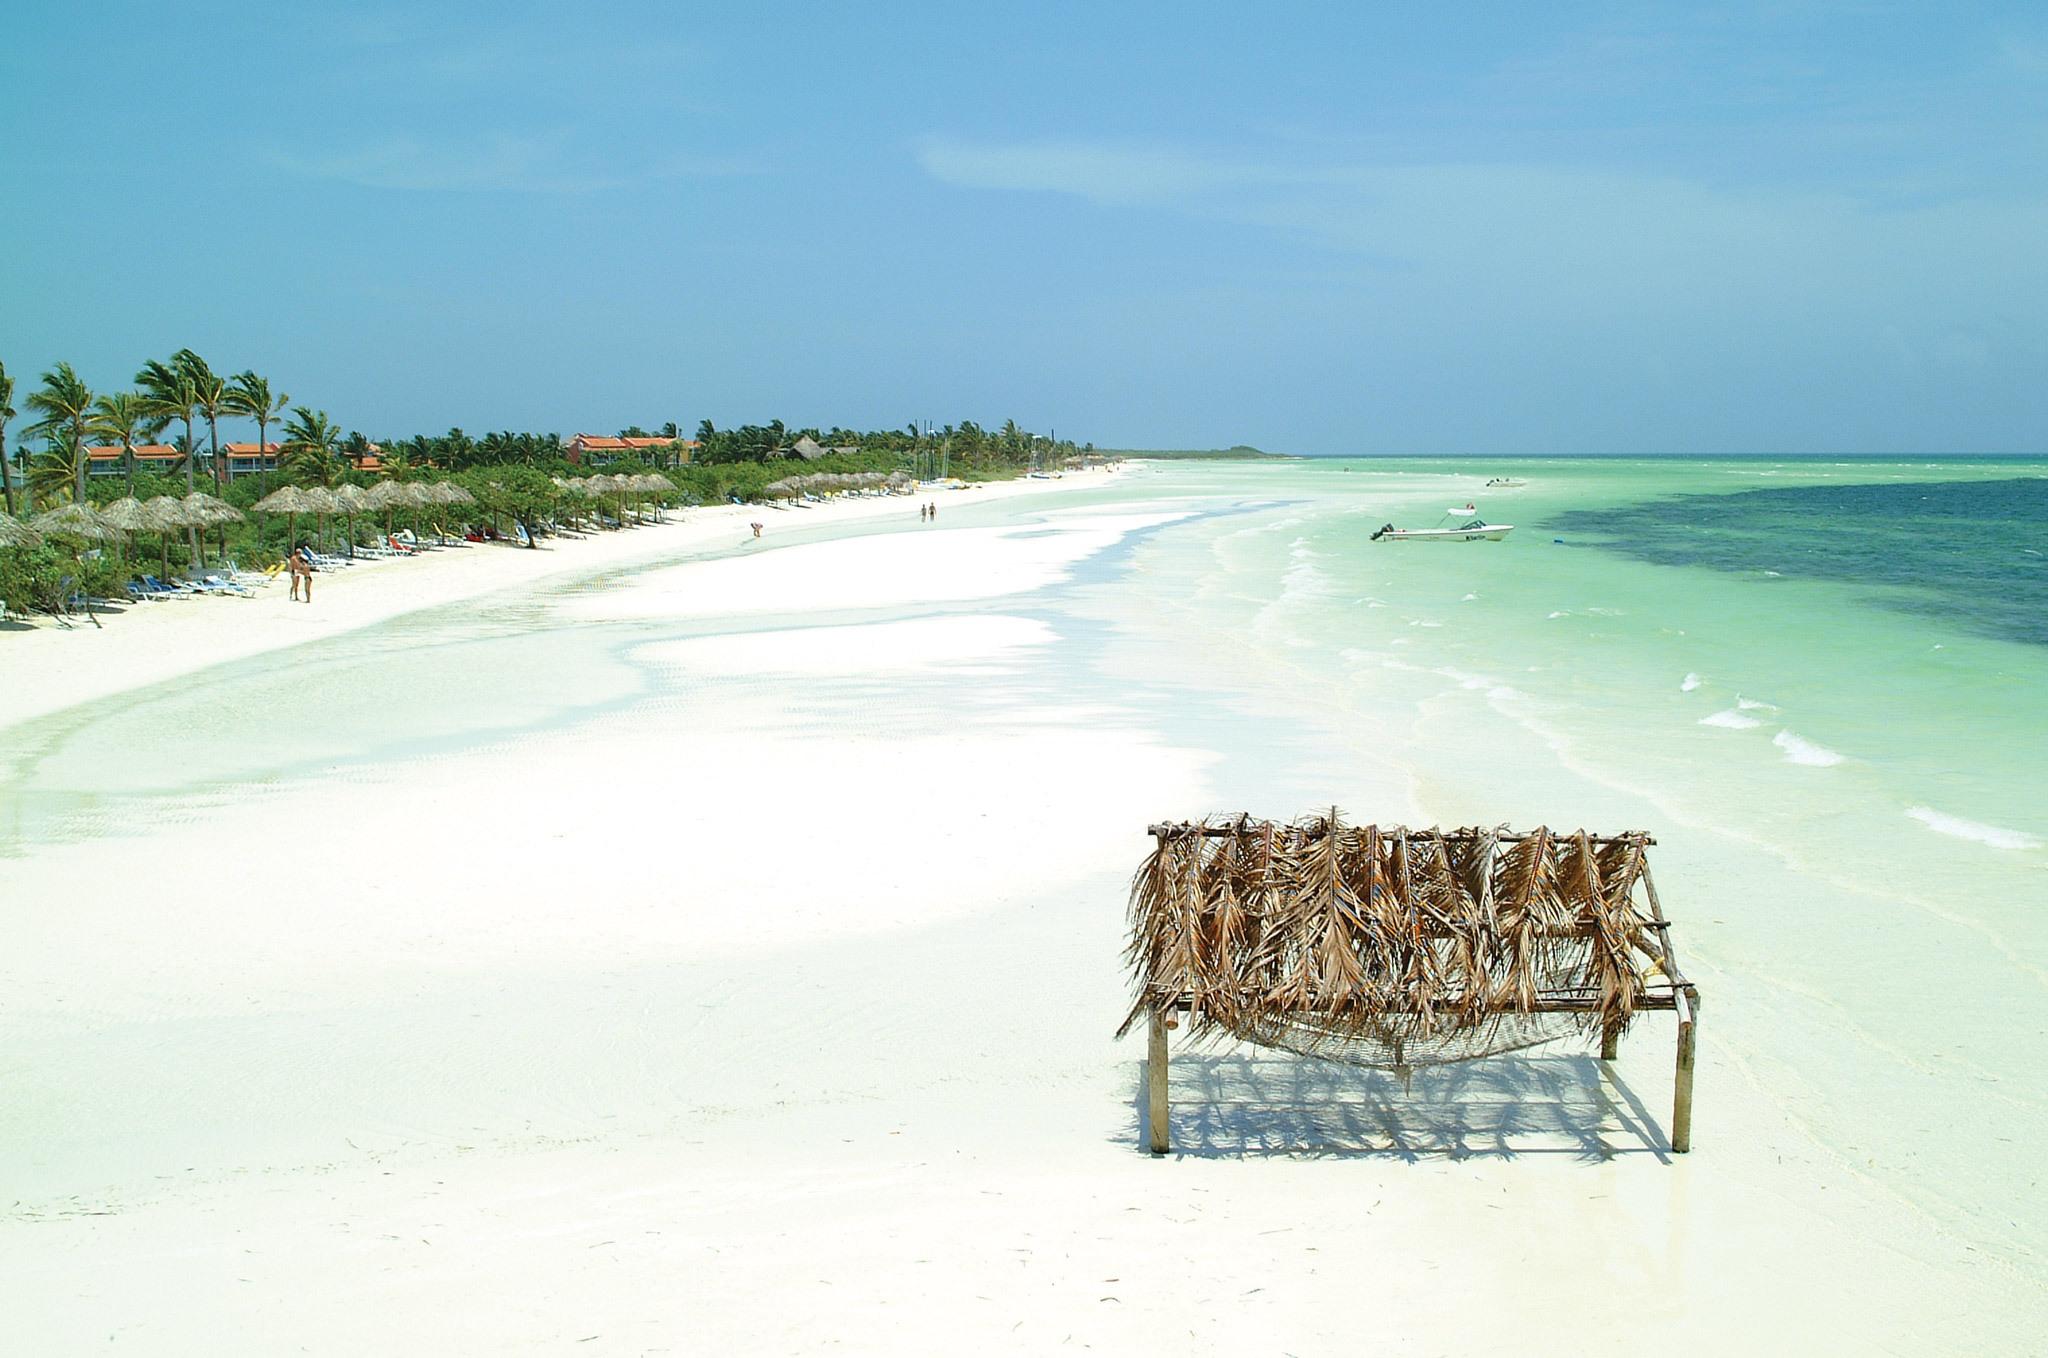 Cayo Guillermo - Cuba | Cuba beaches, Cuba holiday, Cayo ...  |Beach Cayo Guillermo Cuba